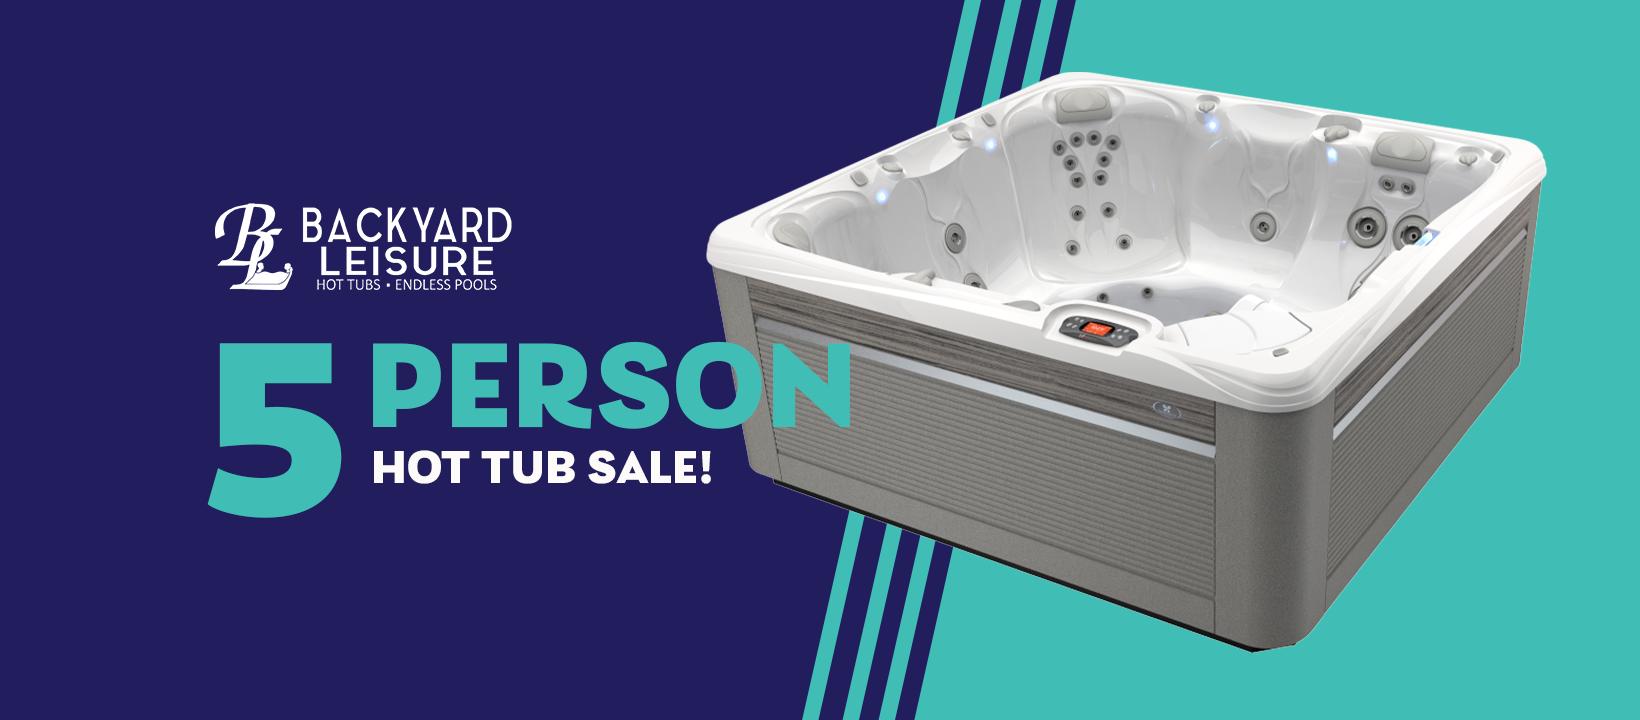 5 Person Hot Tub Sale!